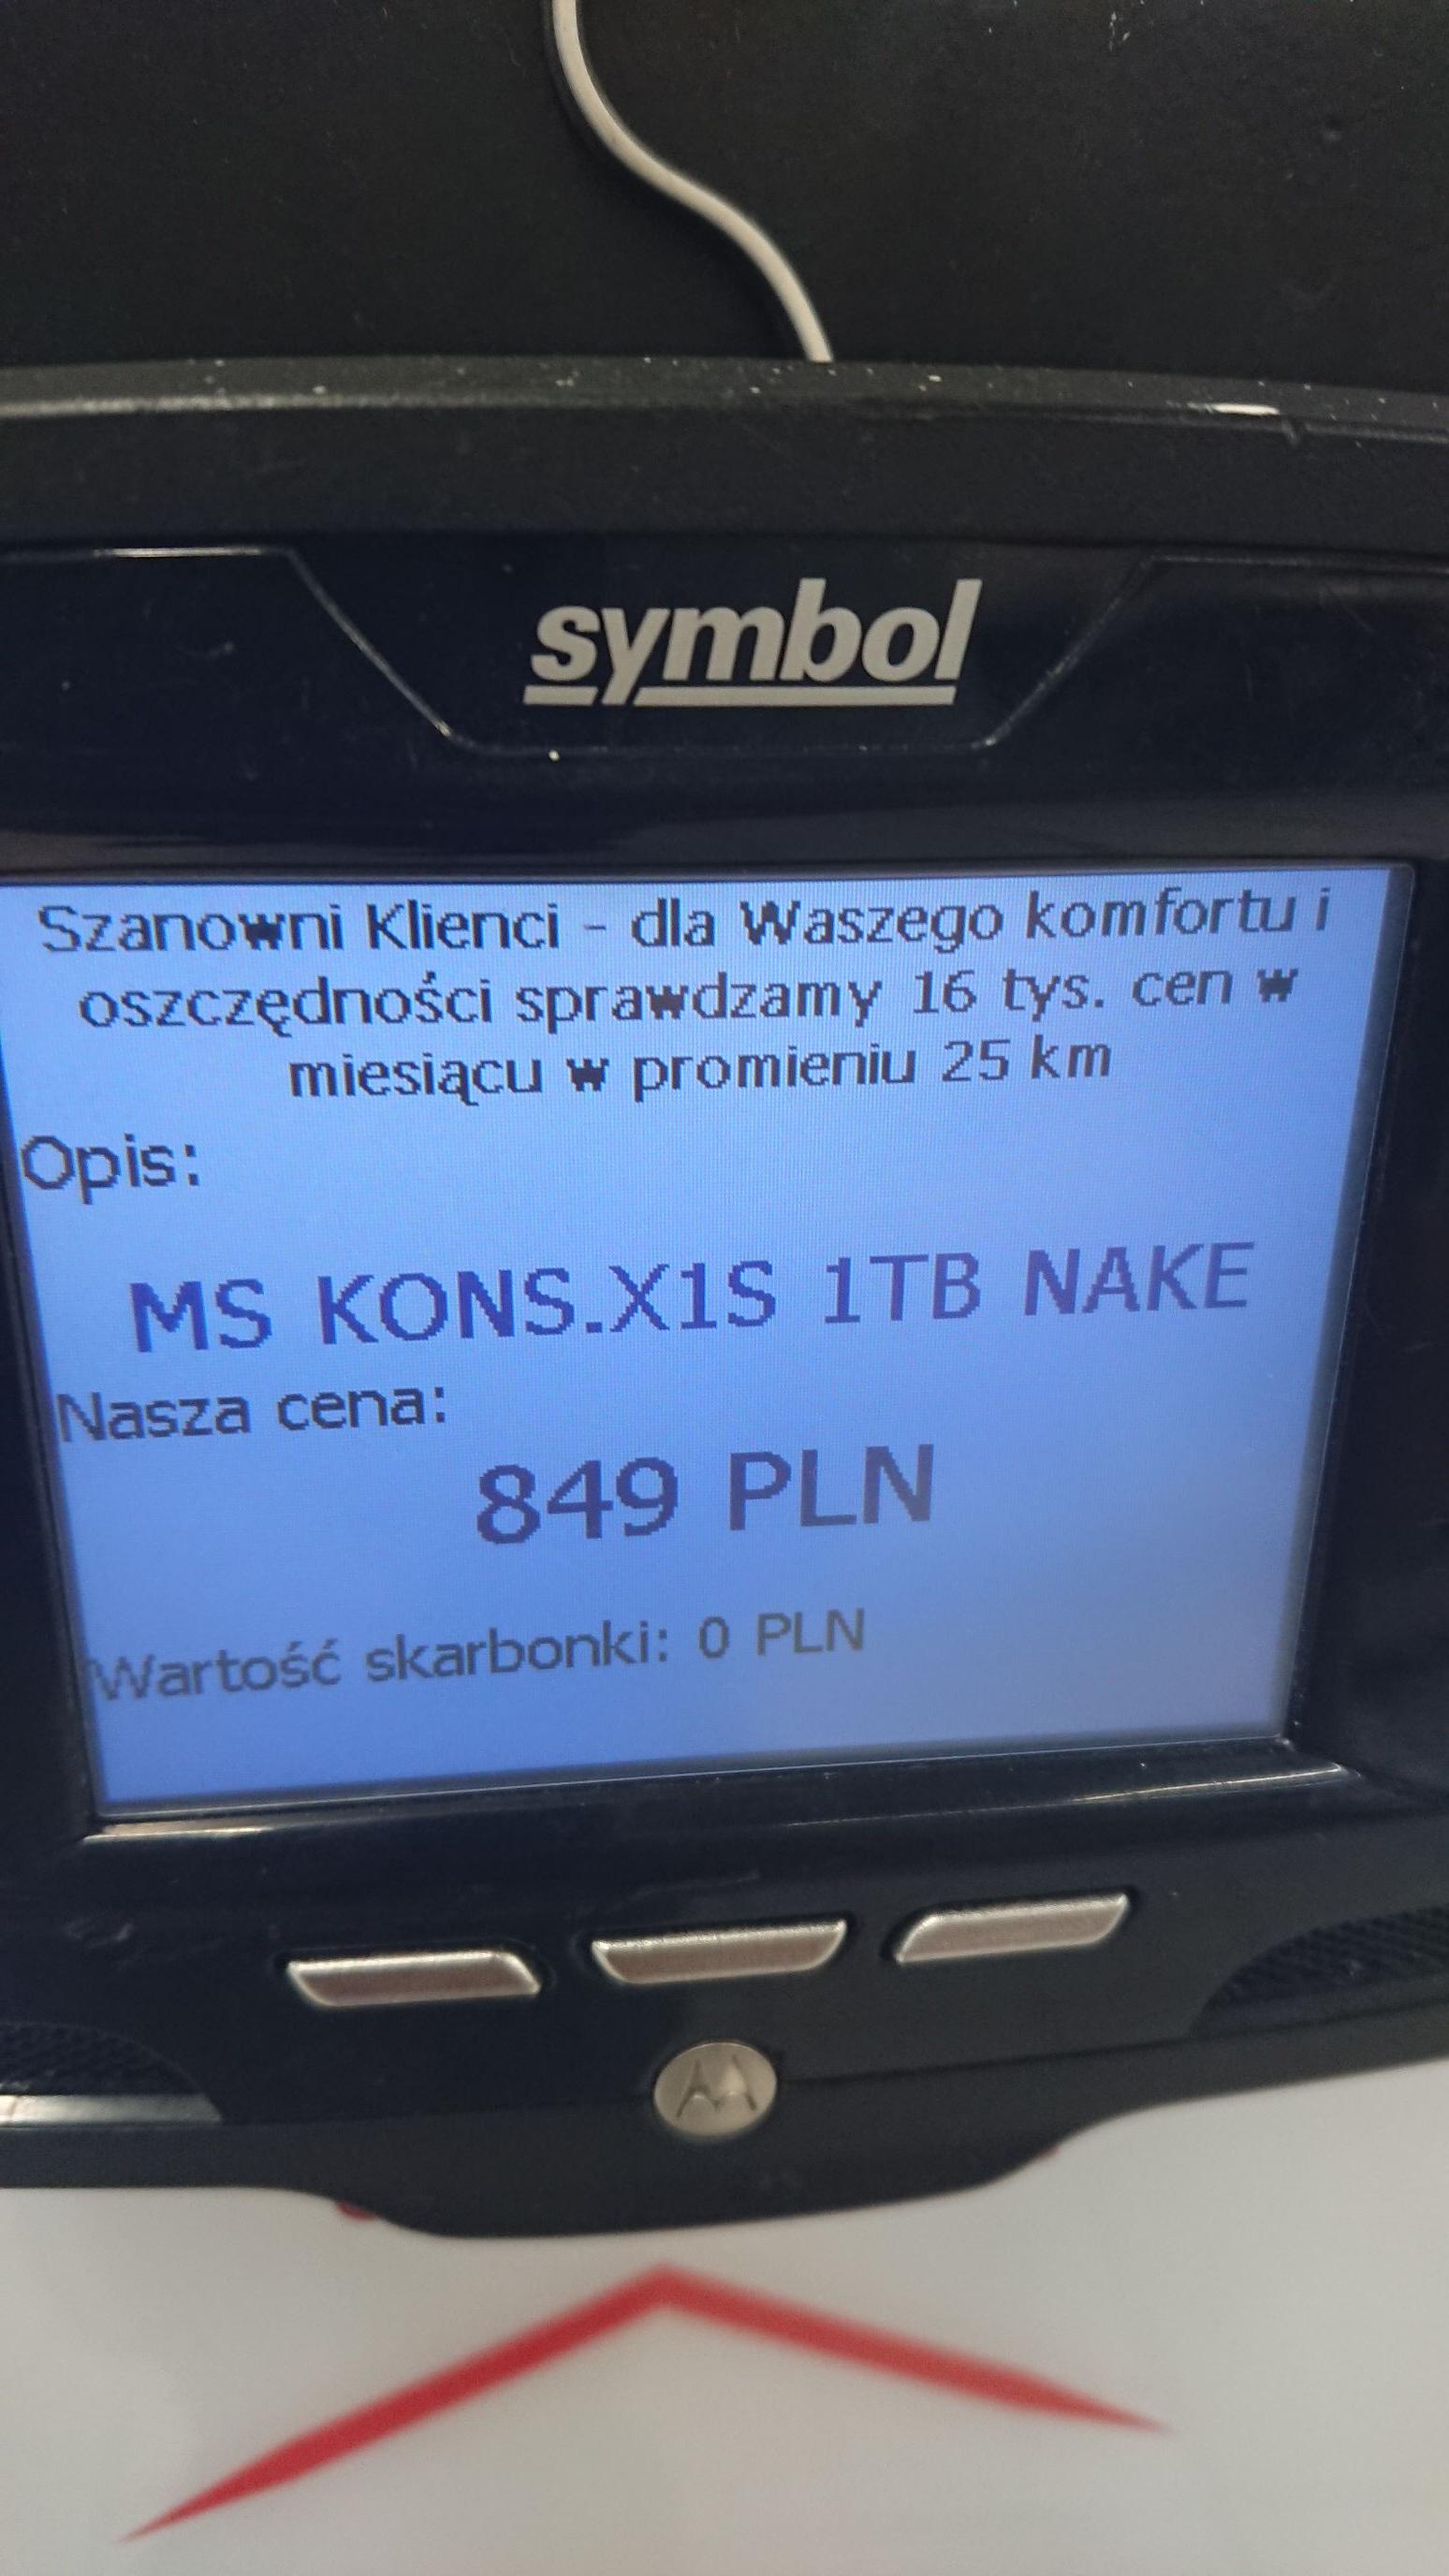 163874-zjuZx.jpg